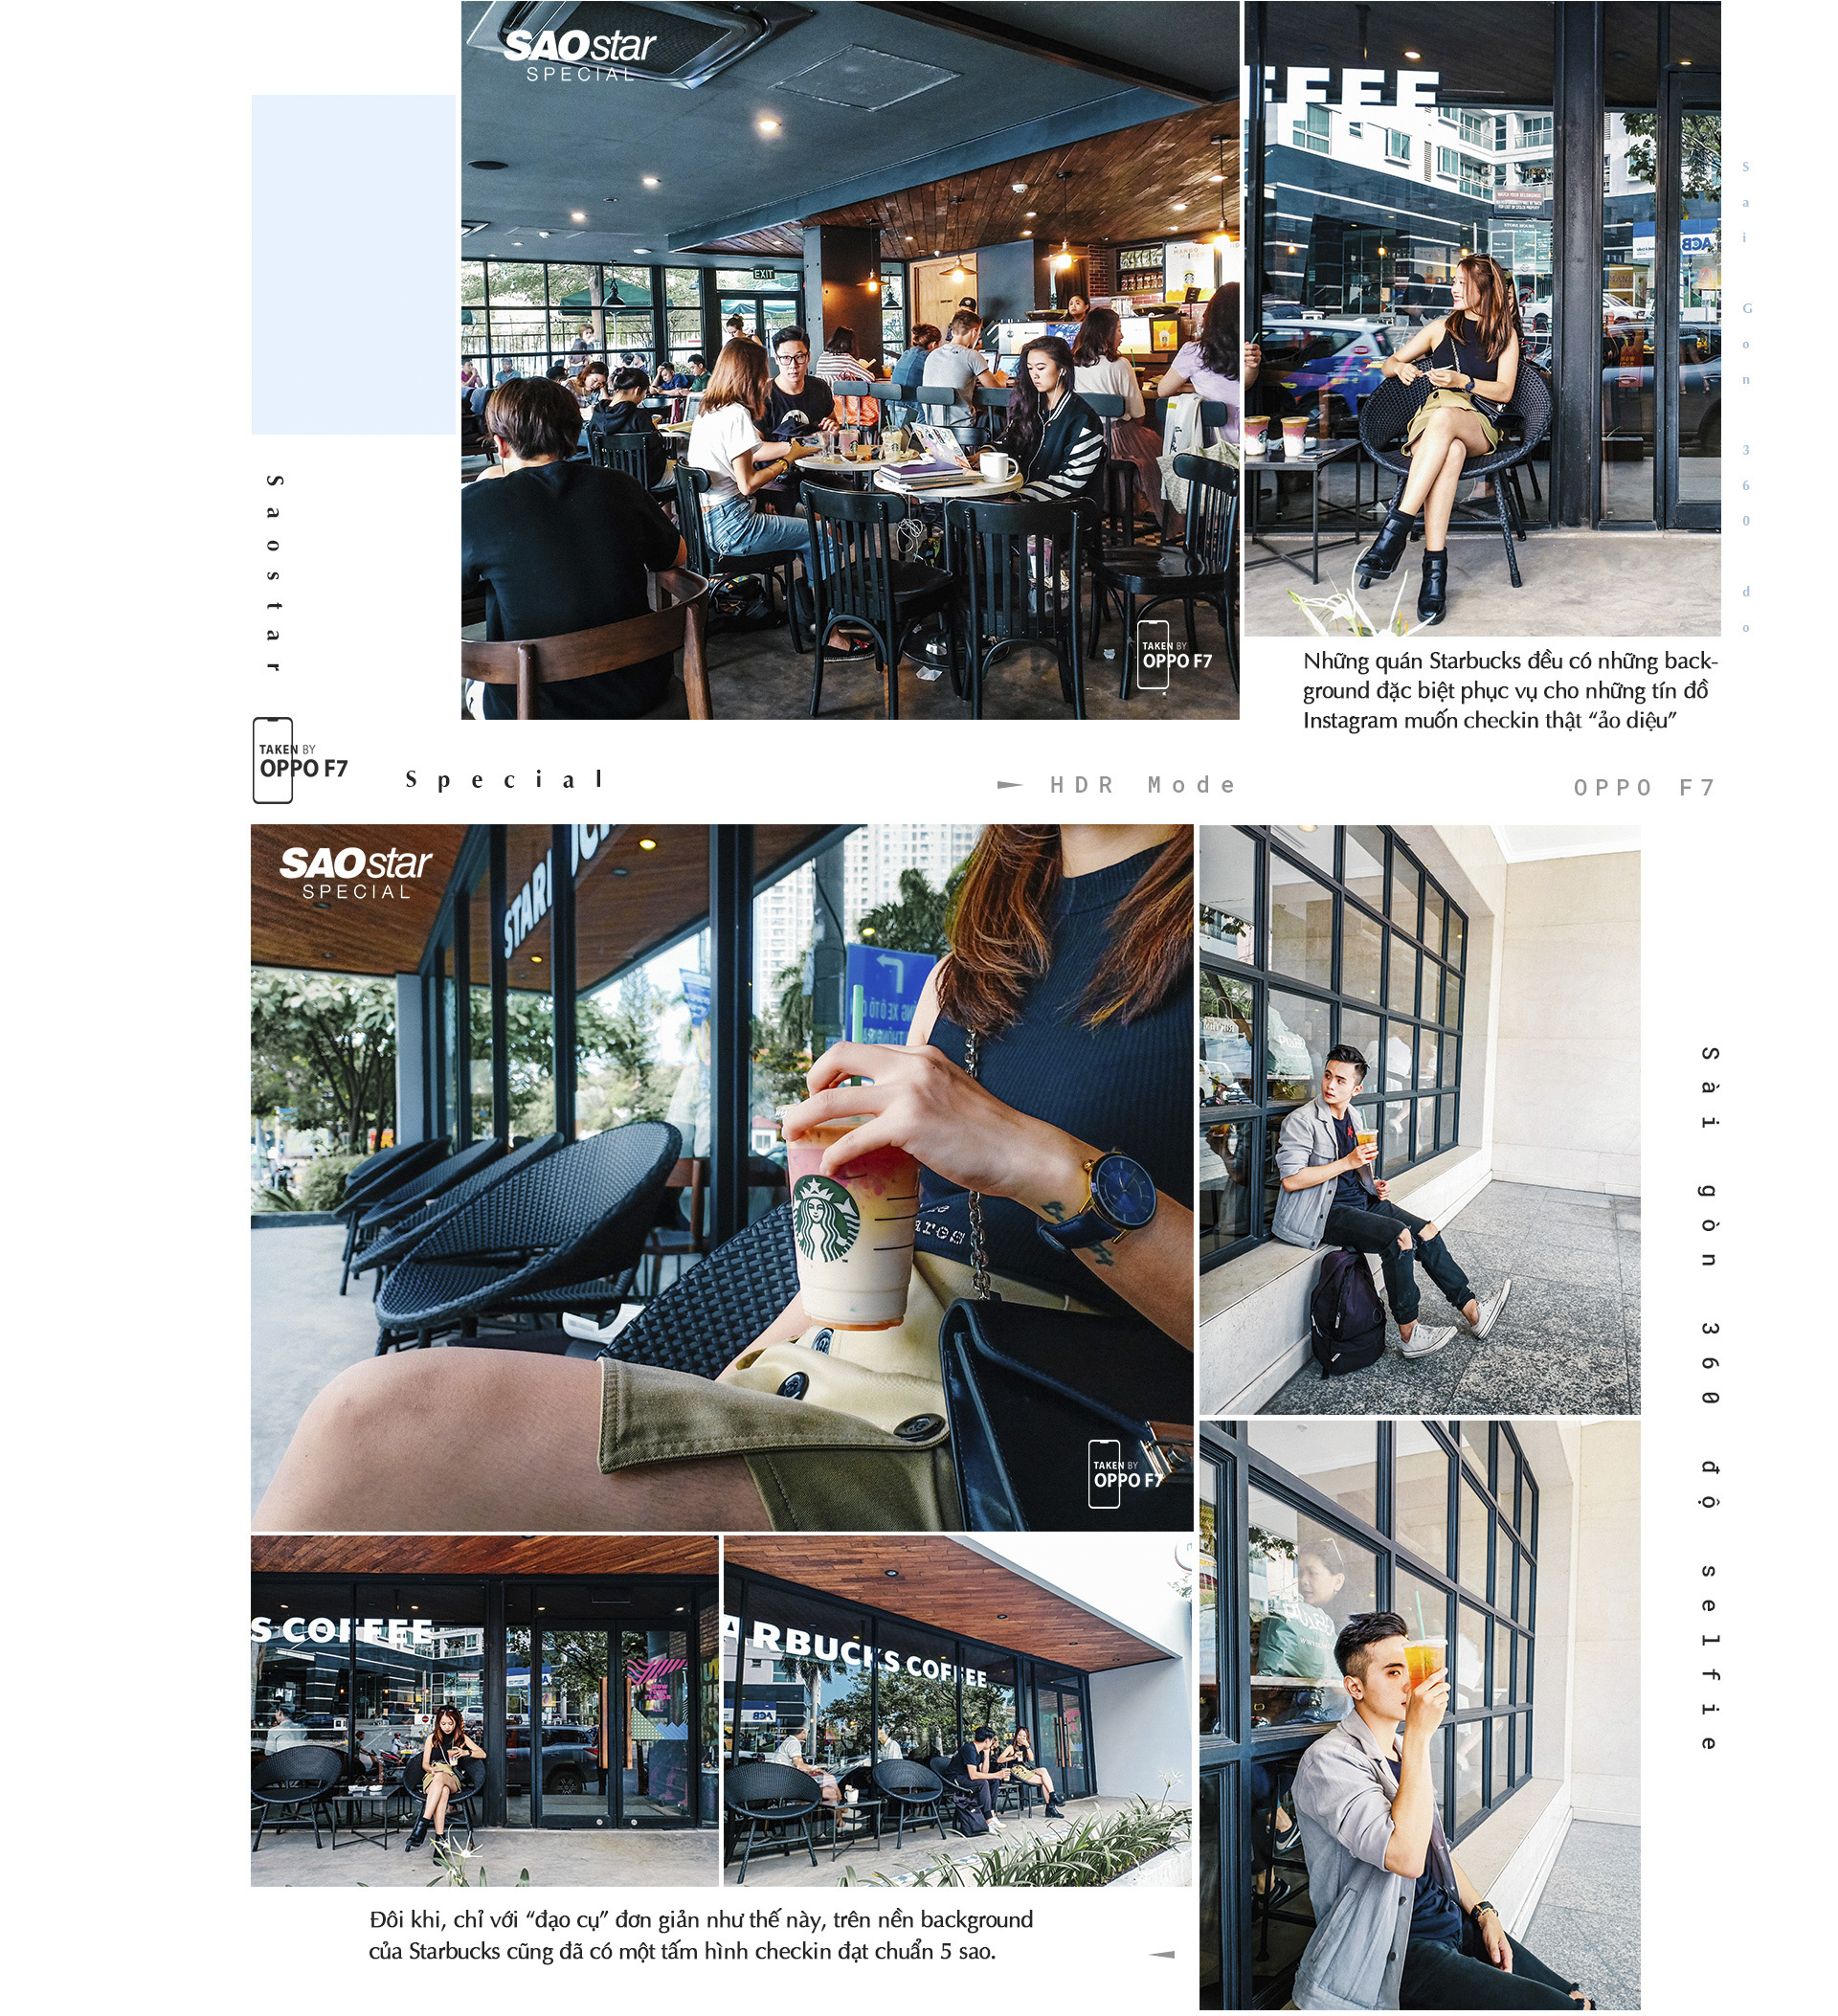 Sài Gòn 360 độ SELFIE & CHECKIN - Chụp ngay đi!